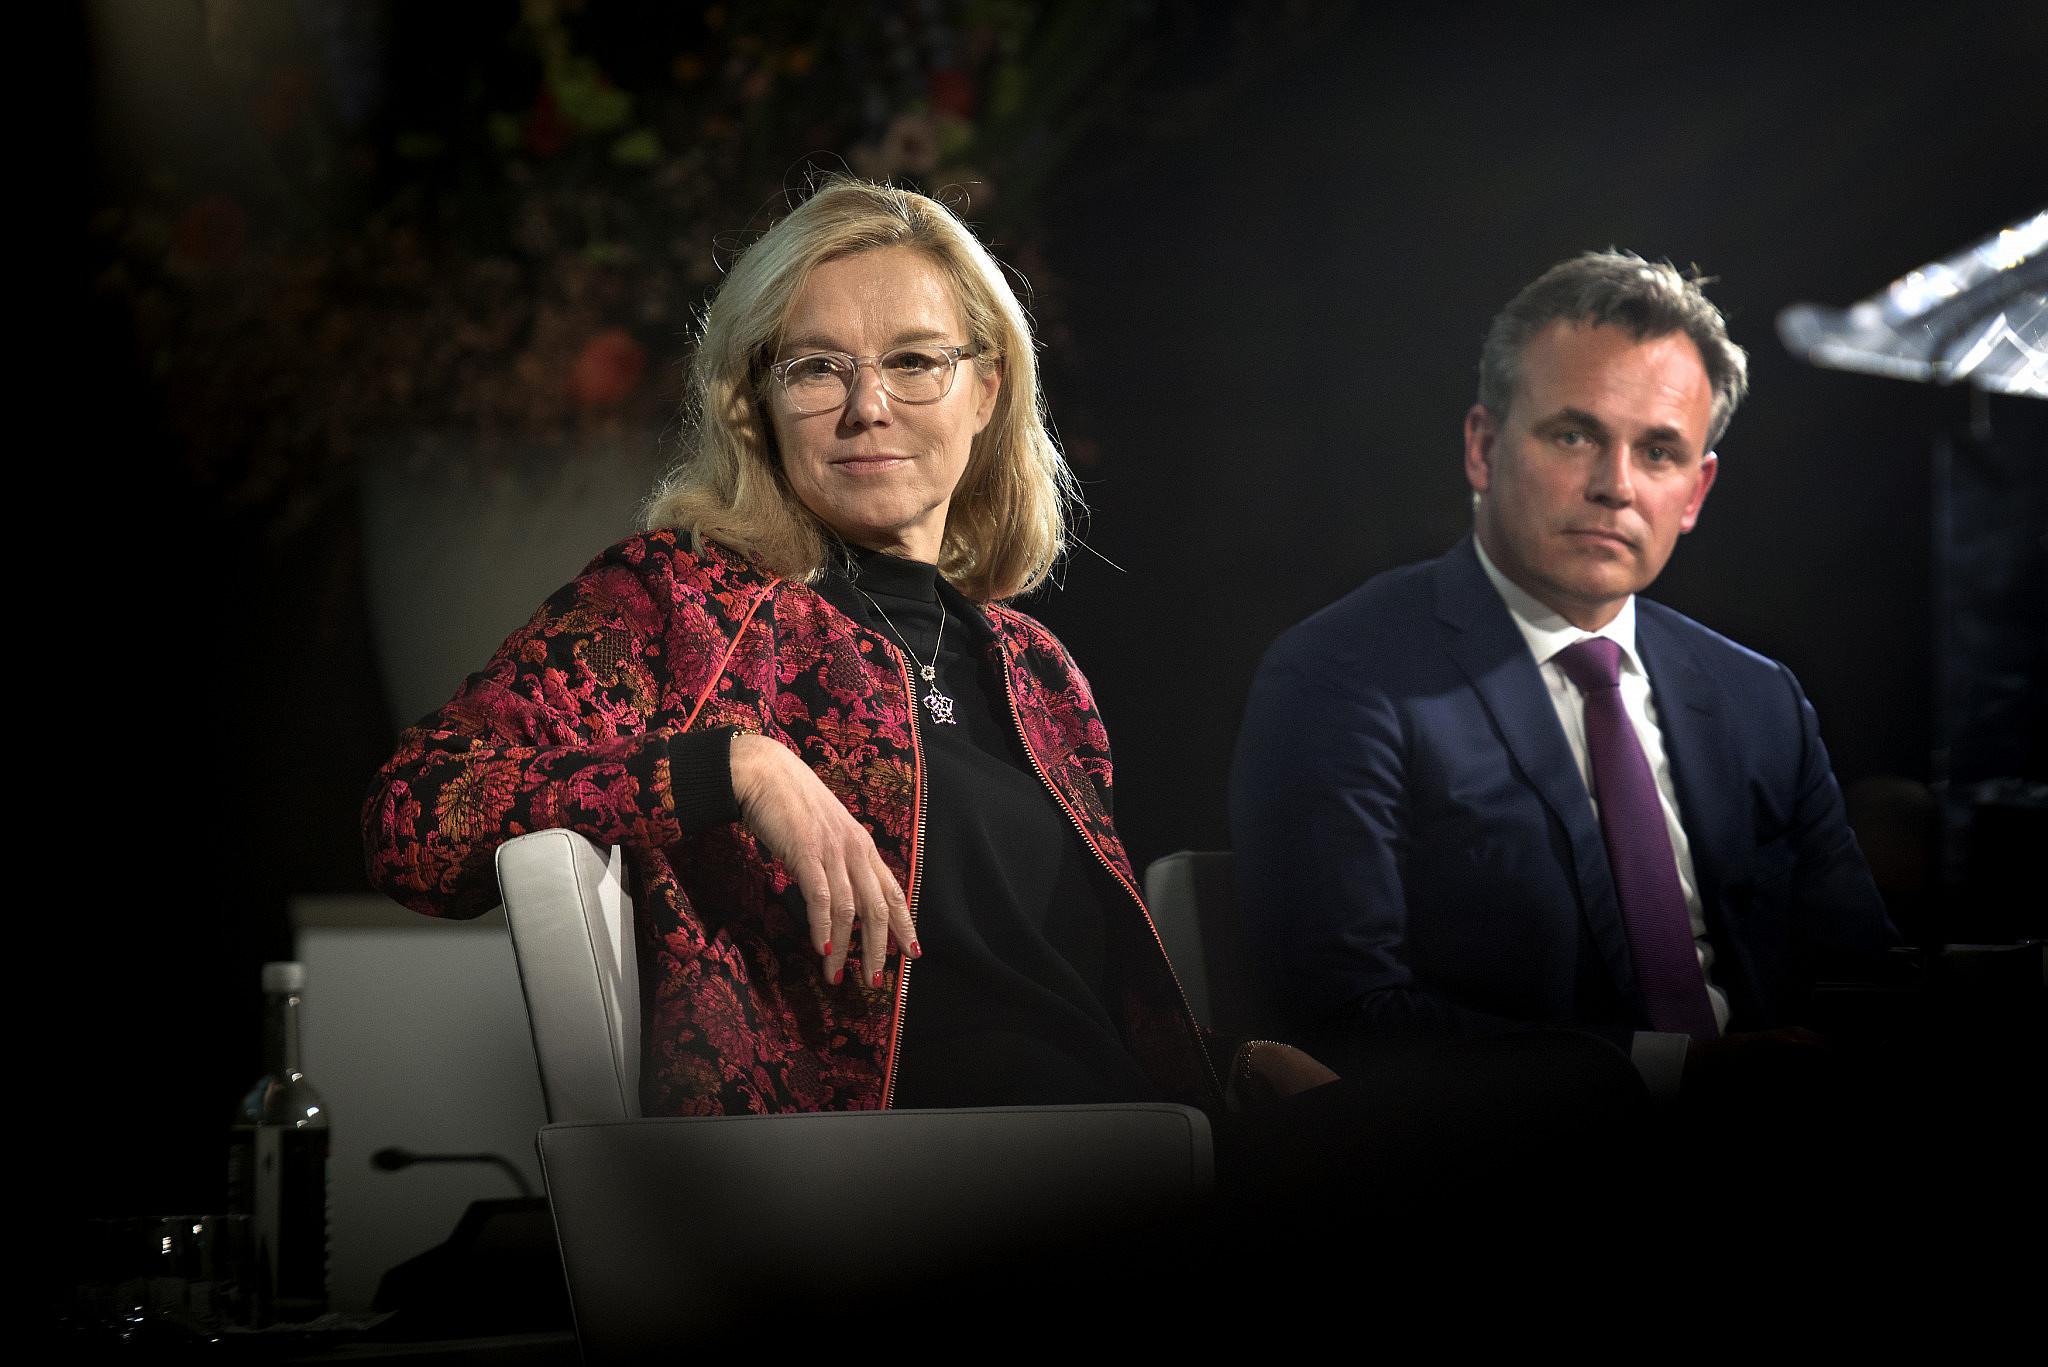 Sigrid Kaag at the Dutch Ambassadors Conference, Jan. 29, 2018. (Ministerie van Buitenlandse Zaken/Flickr)